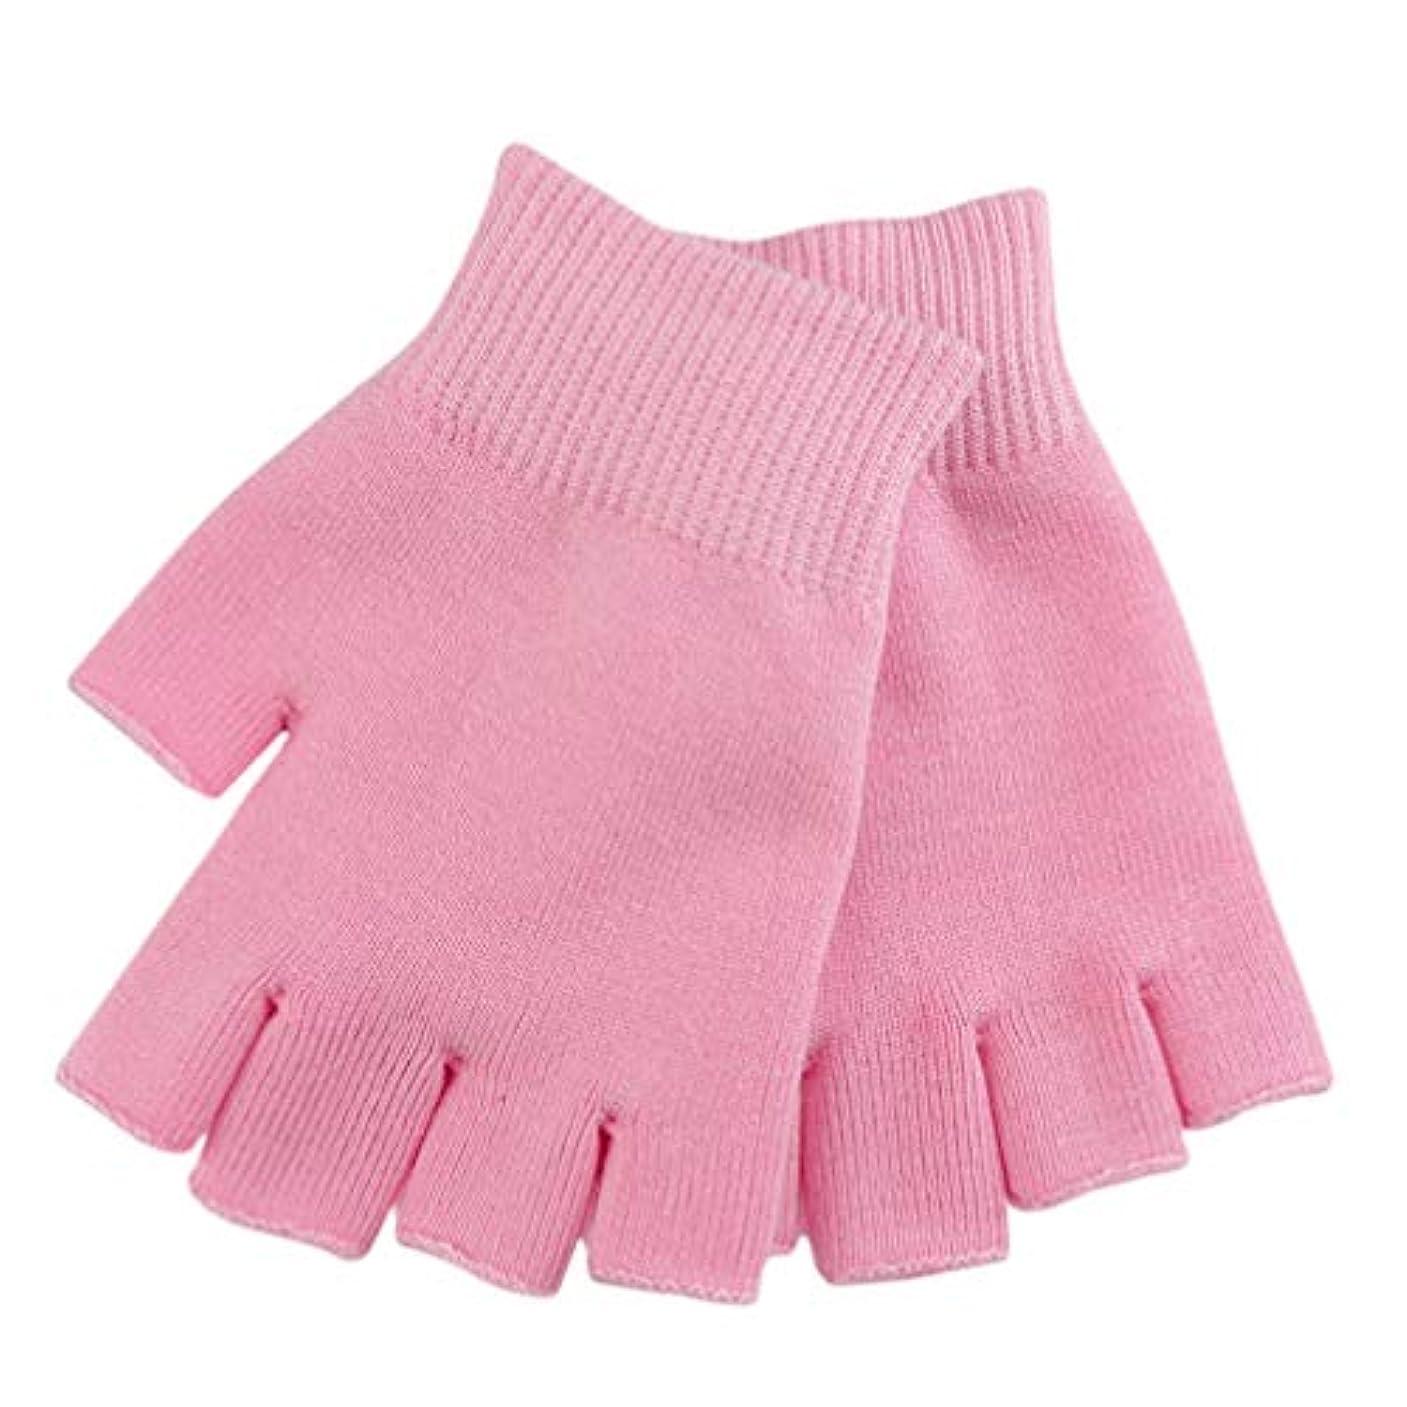 マーカーによると死にかけているSUPVOX 角質除去手袋両面角質除去シャワーバススクラブグローブ角質除去手袋ボディシャワースパバス角質除去